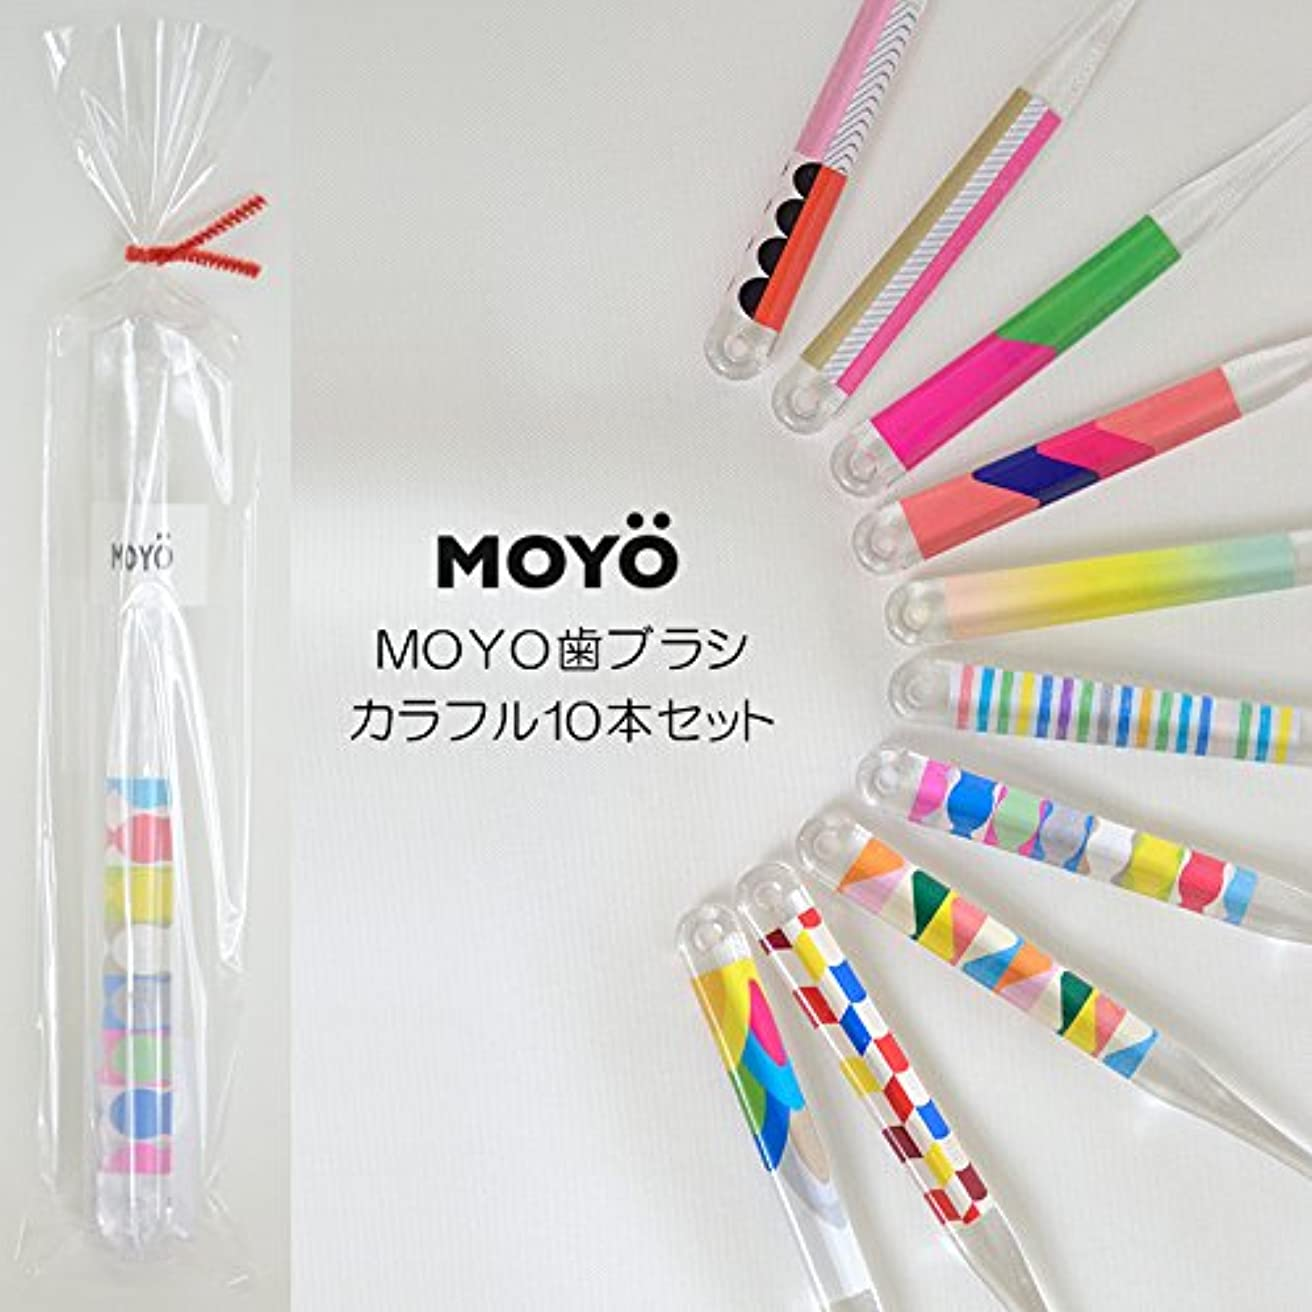 そよ風韓国語代わってMOYO モヨウ カラフル10本 プチ ギフト セット_562302-colorful 【F】,カラフル10本セット